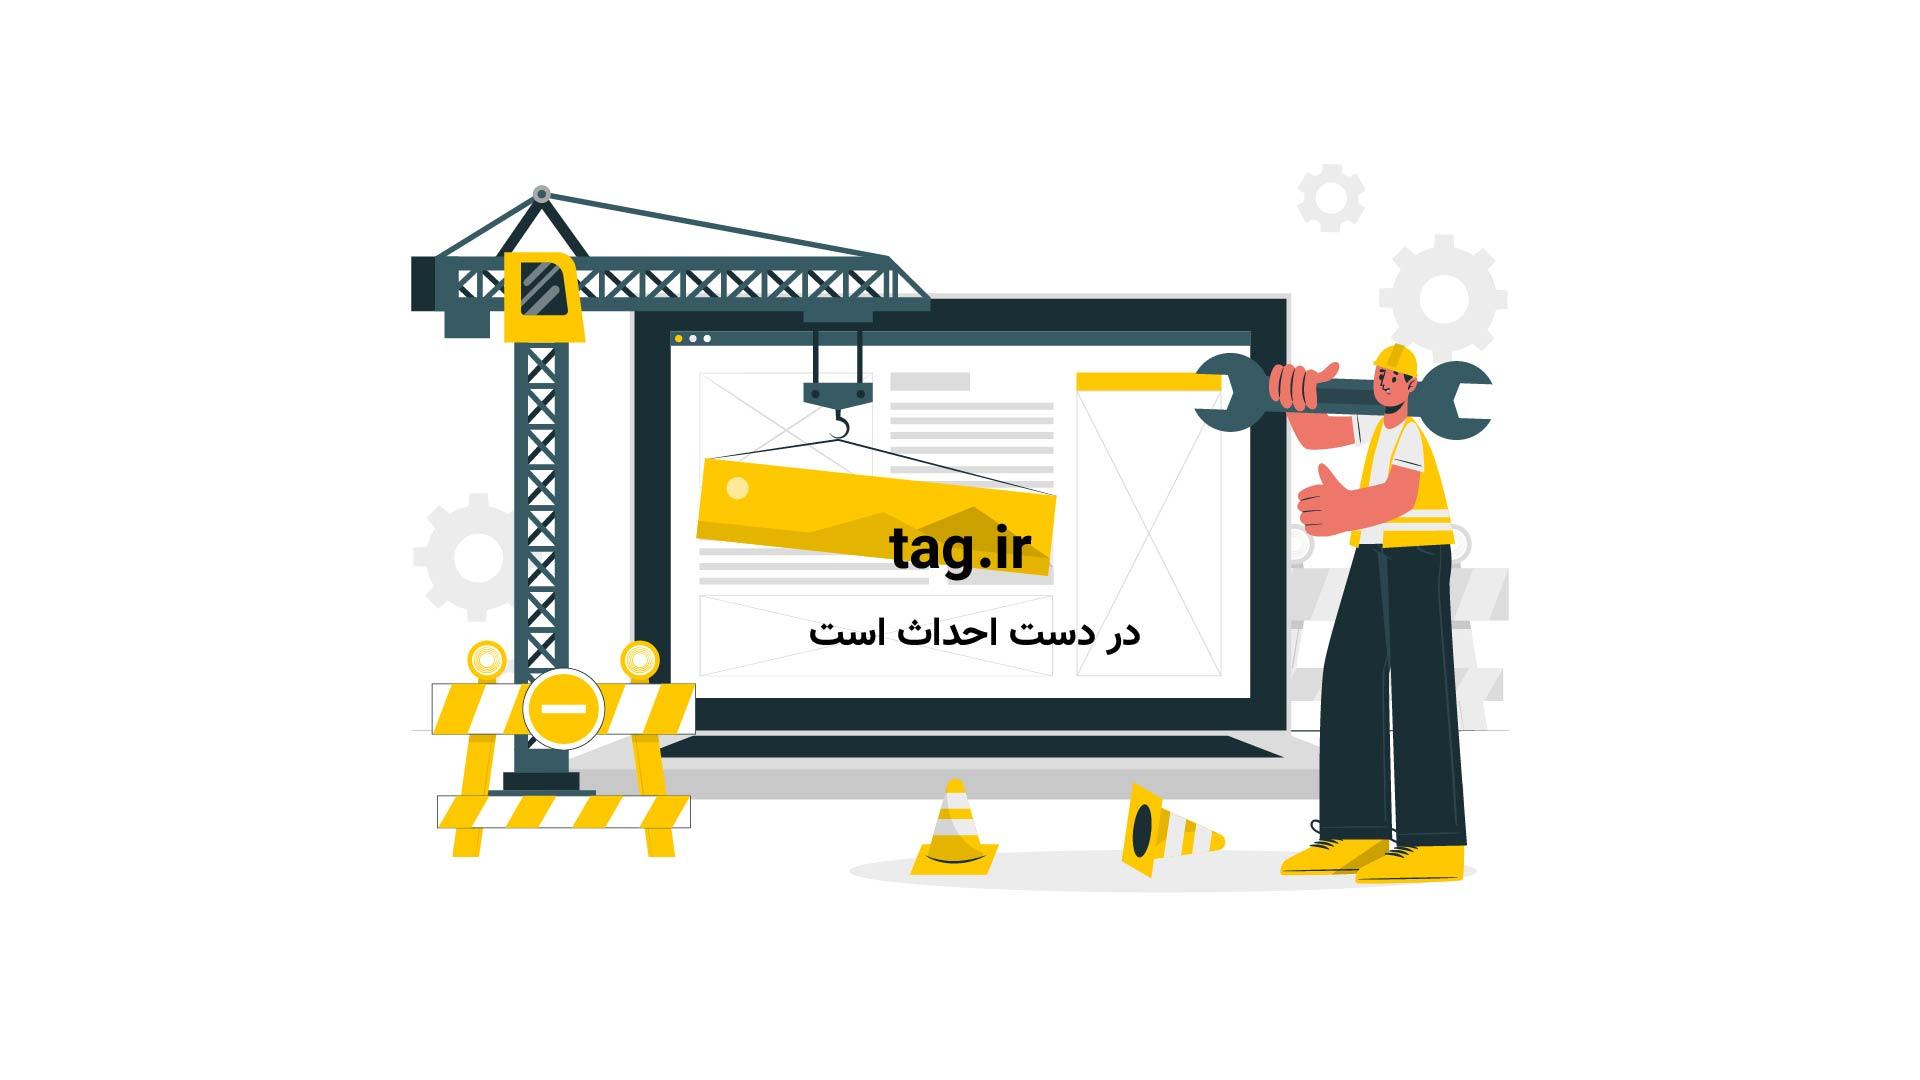 فیلم لحظه حمله اراذل و اوباش به یک دفتر مهندسی در تهرانپارس